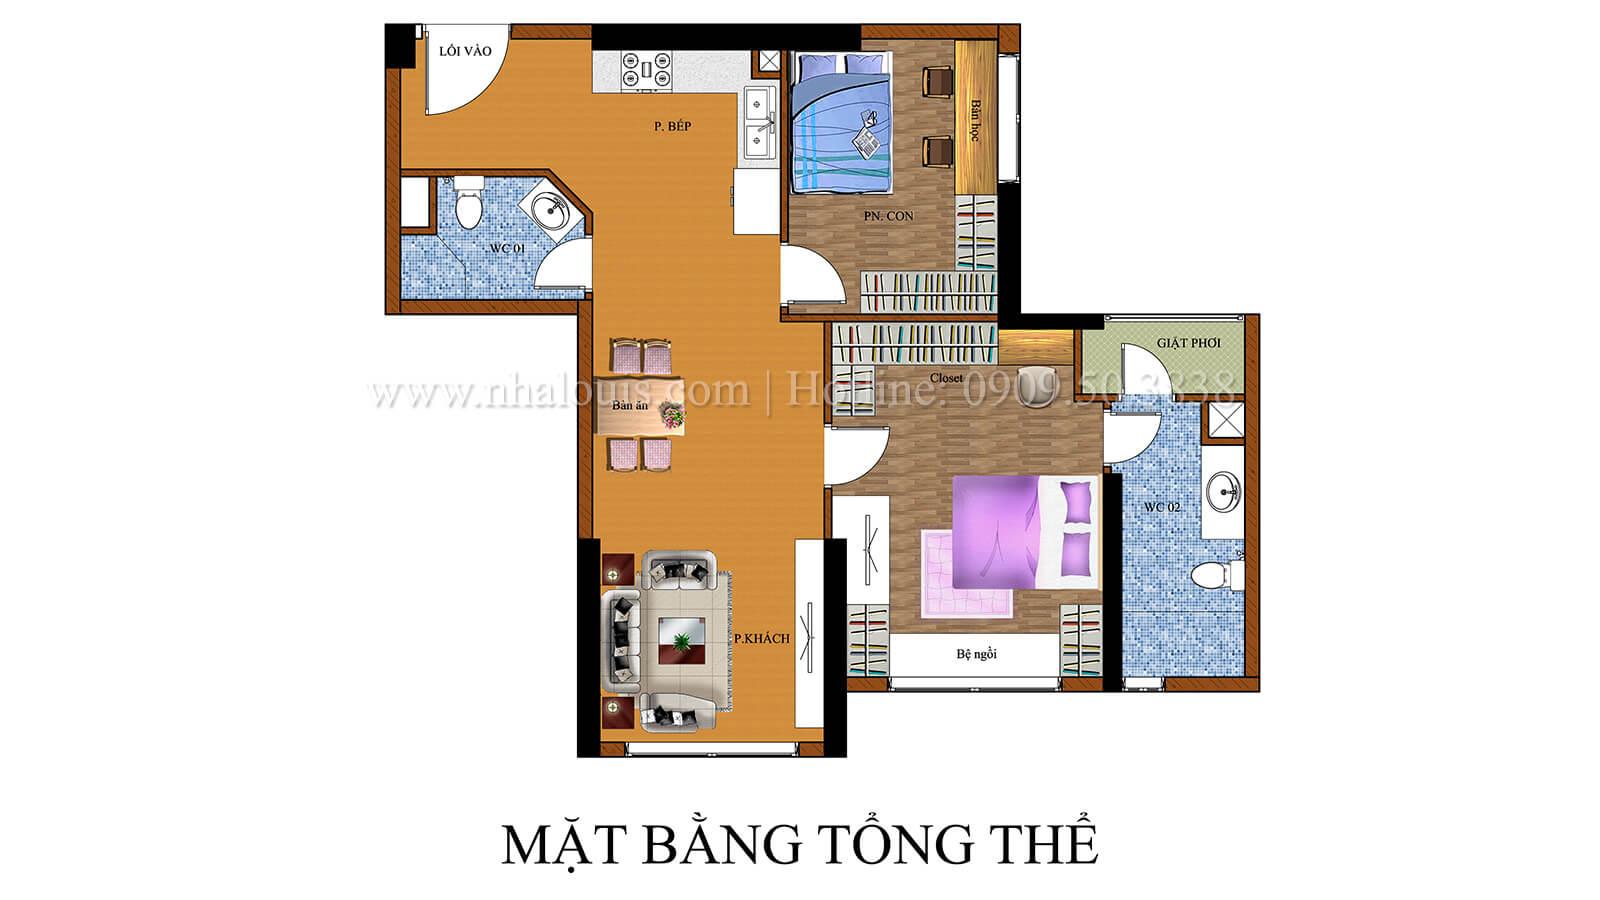 mặt bằng tổng thể thiết kế căn hộ the park residence với nội thất sang trọng tại quận 7